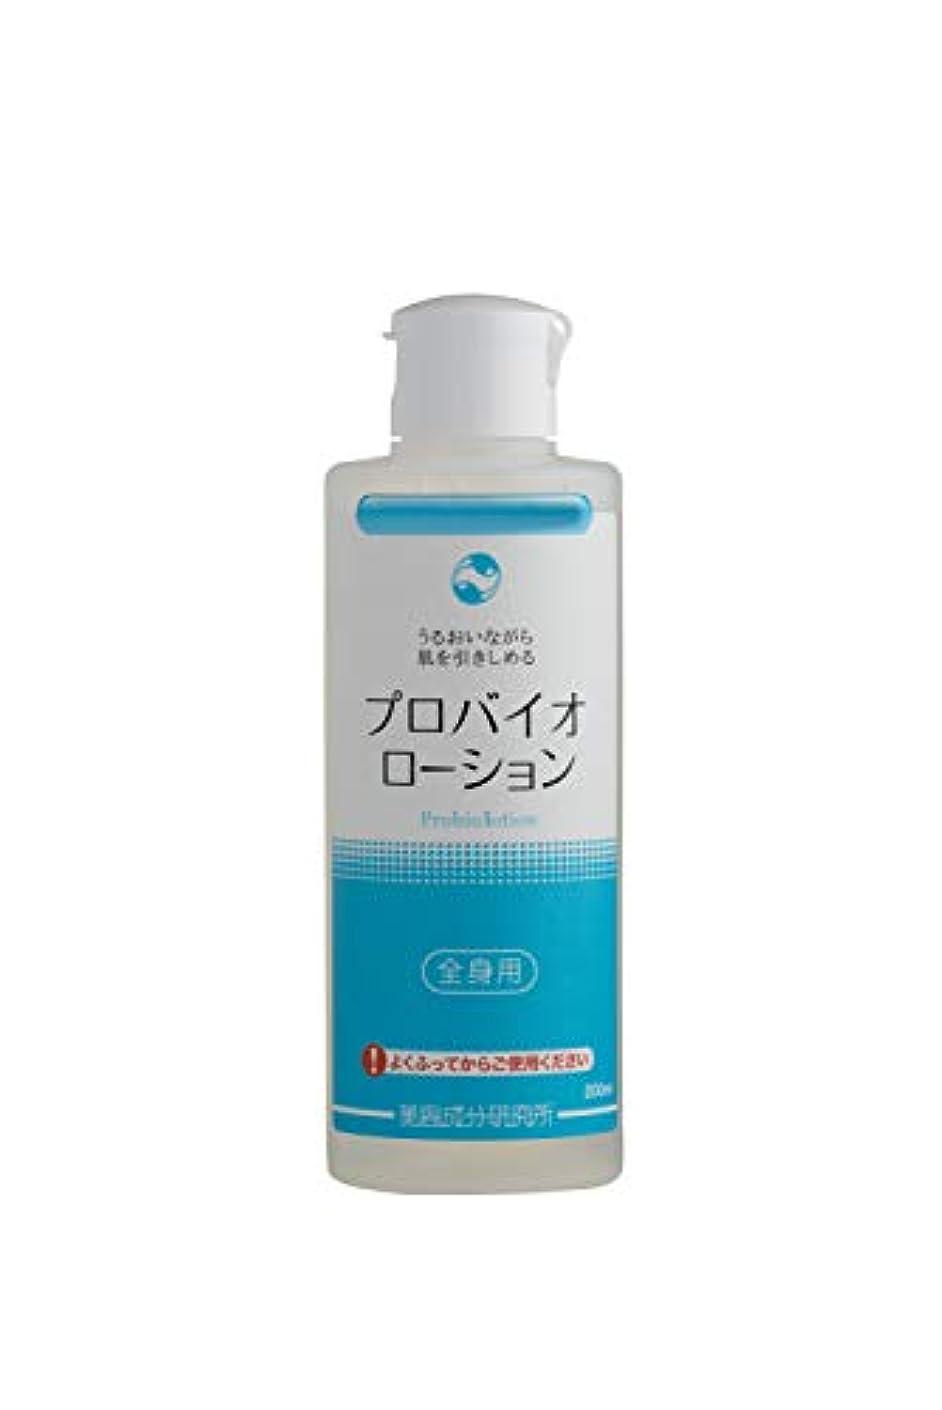 カスタムシネウィボートプロバイオローション(全身用200ml) 高保湿 40代 50代 60代 70代 高分子ポリグルタミン酸 天然由来成分 うるおい 引きしめ 低刺激 生分解性 納豆菌NMF美容 TK-1 ボディ 天然保湿因子